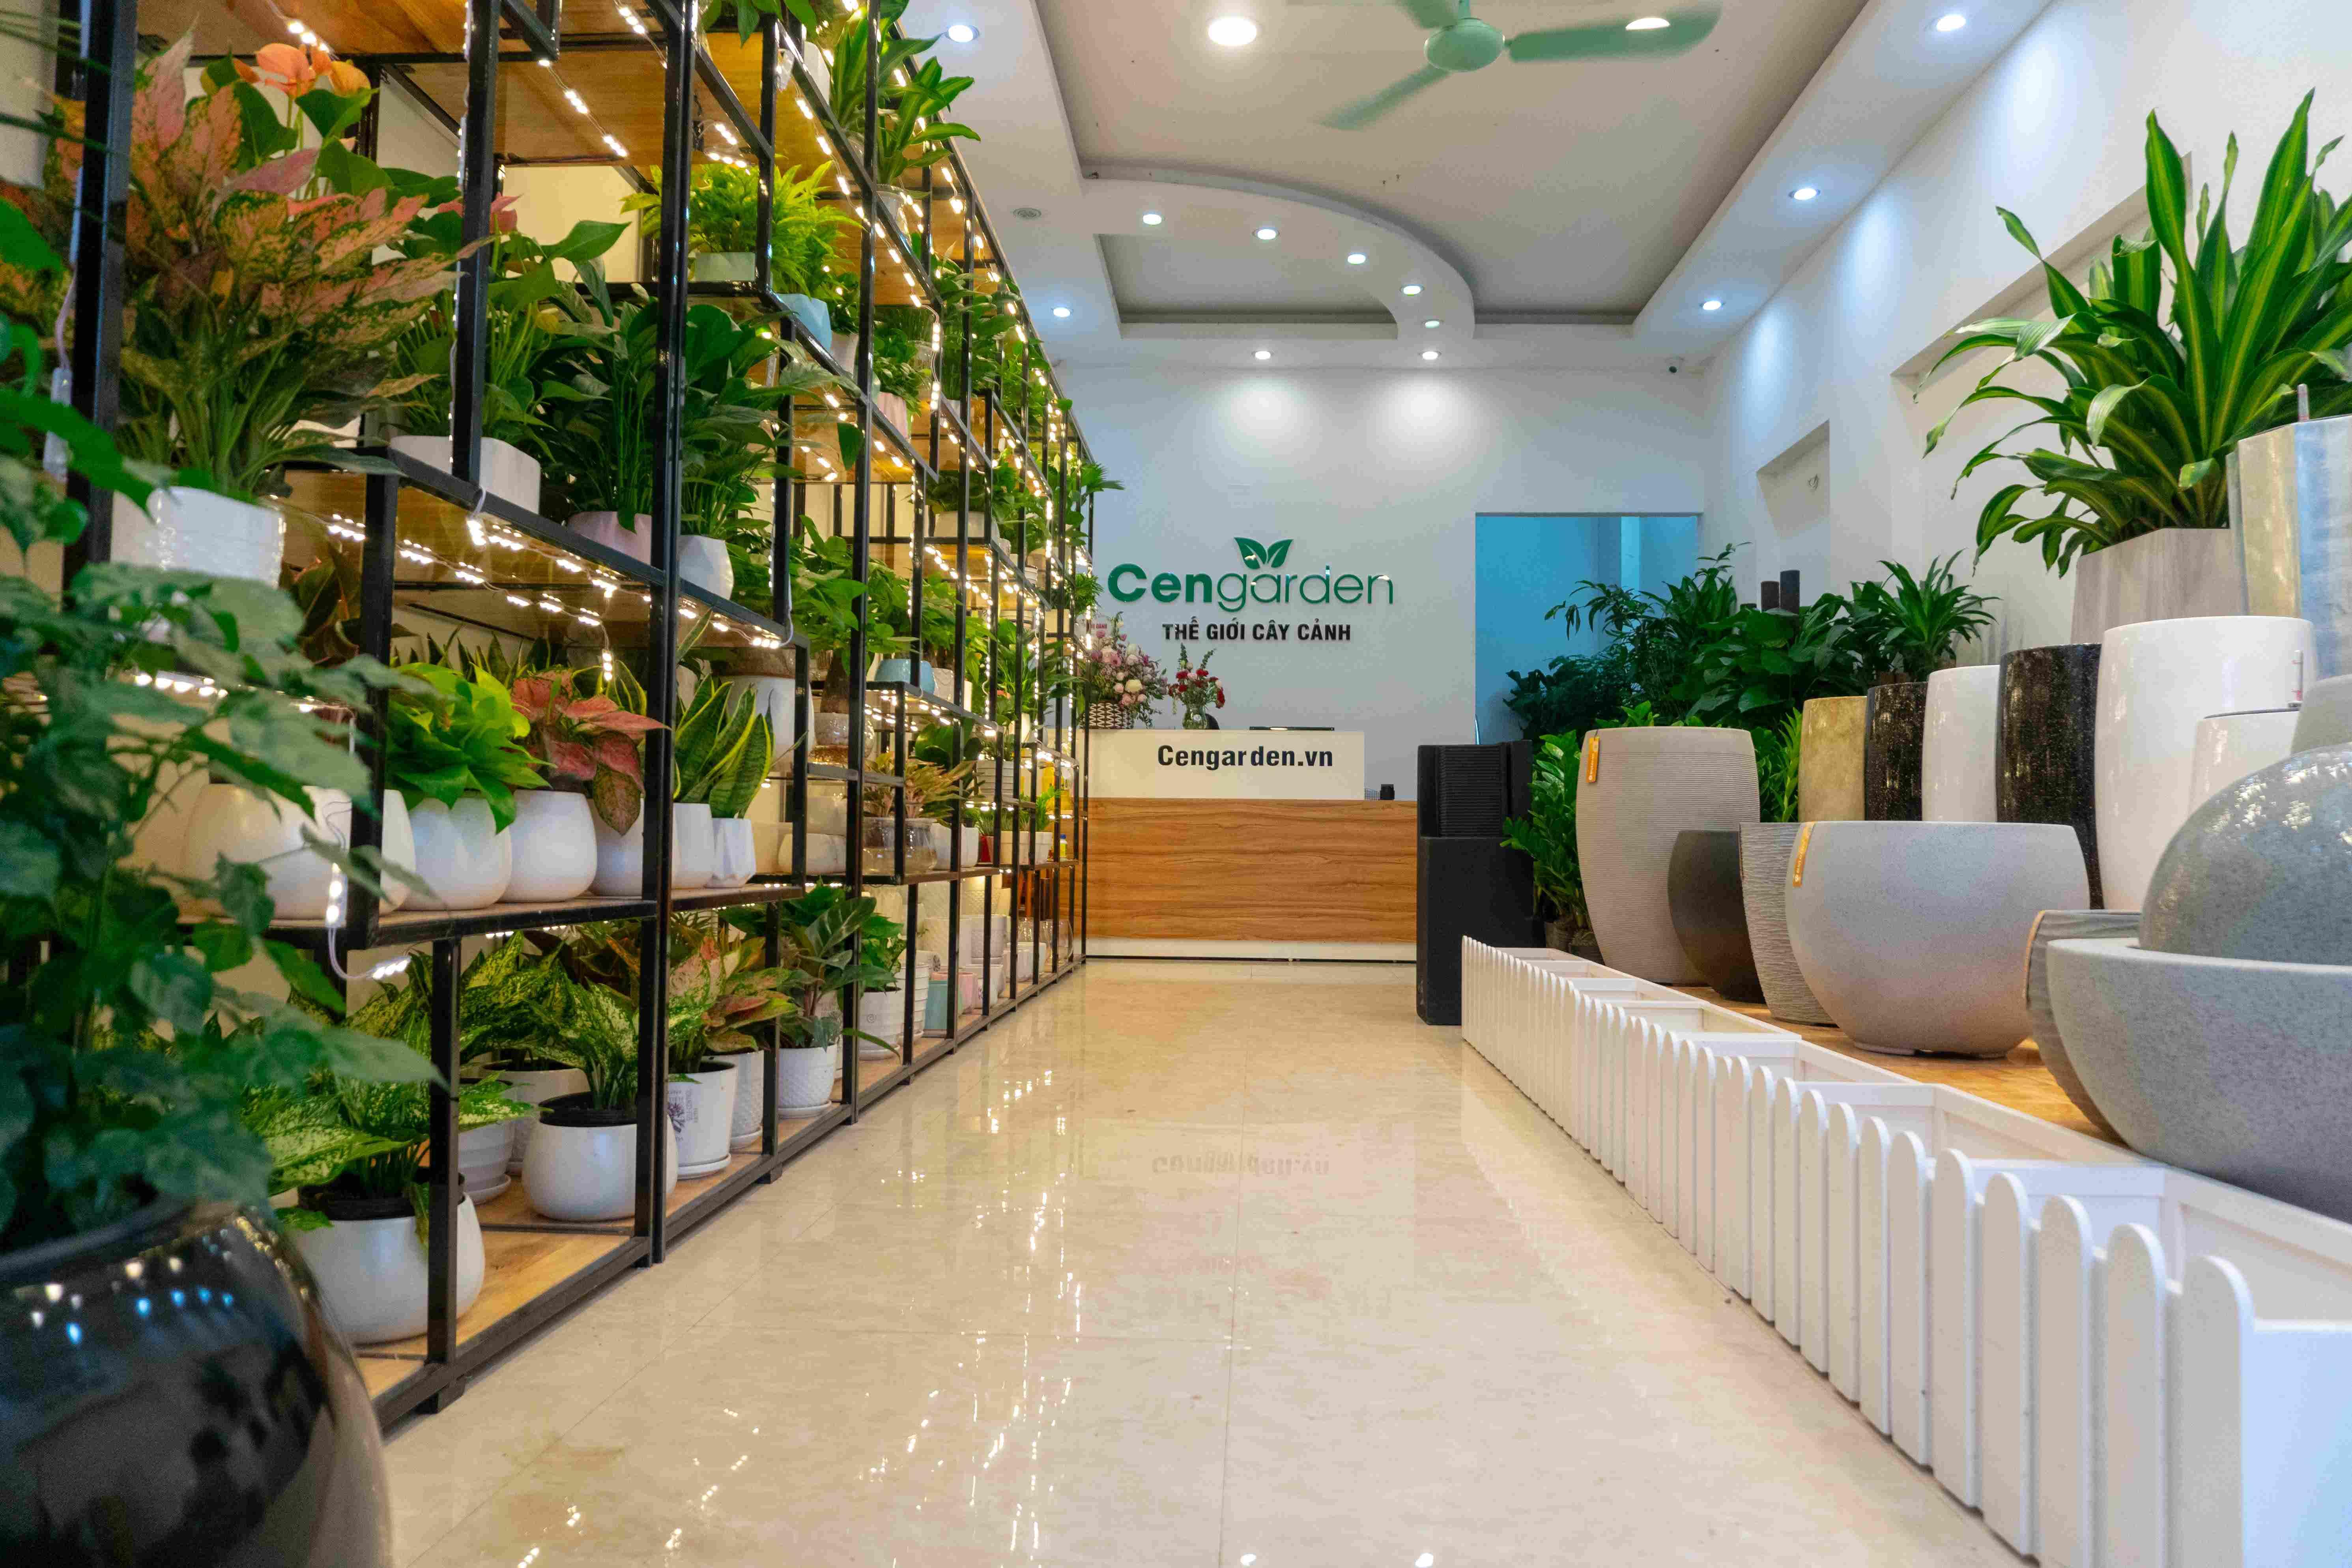 Chậu composite Vinapot đươch phân phối tại cơ sở 18 Nguyễn Chánh